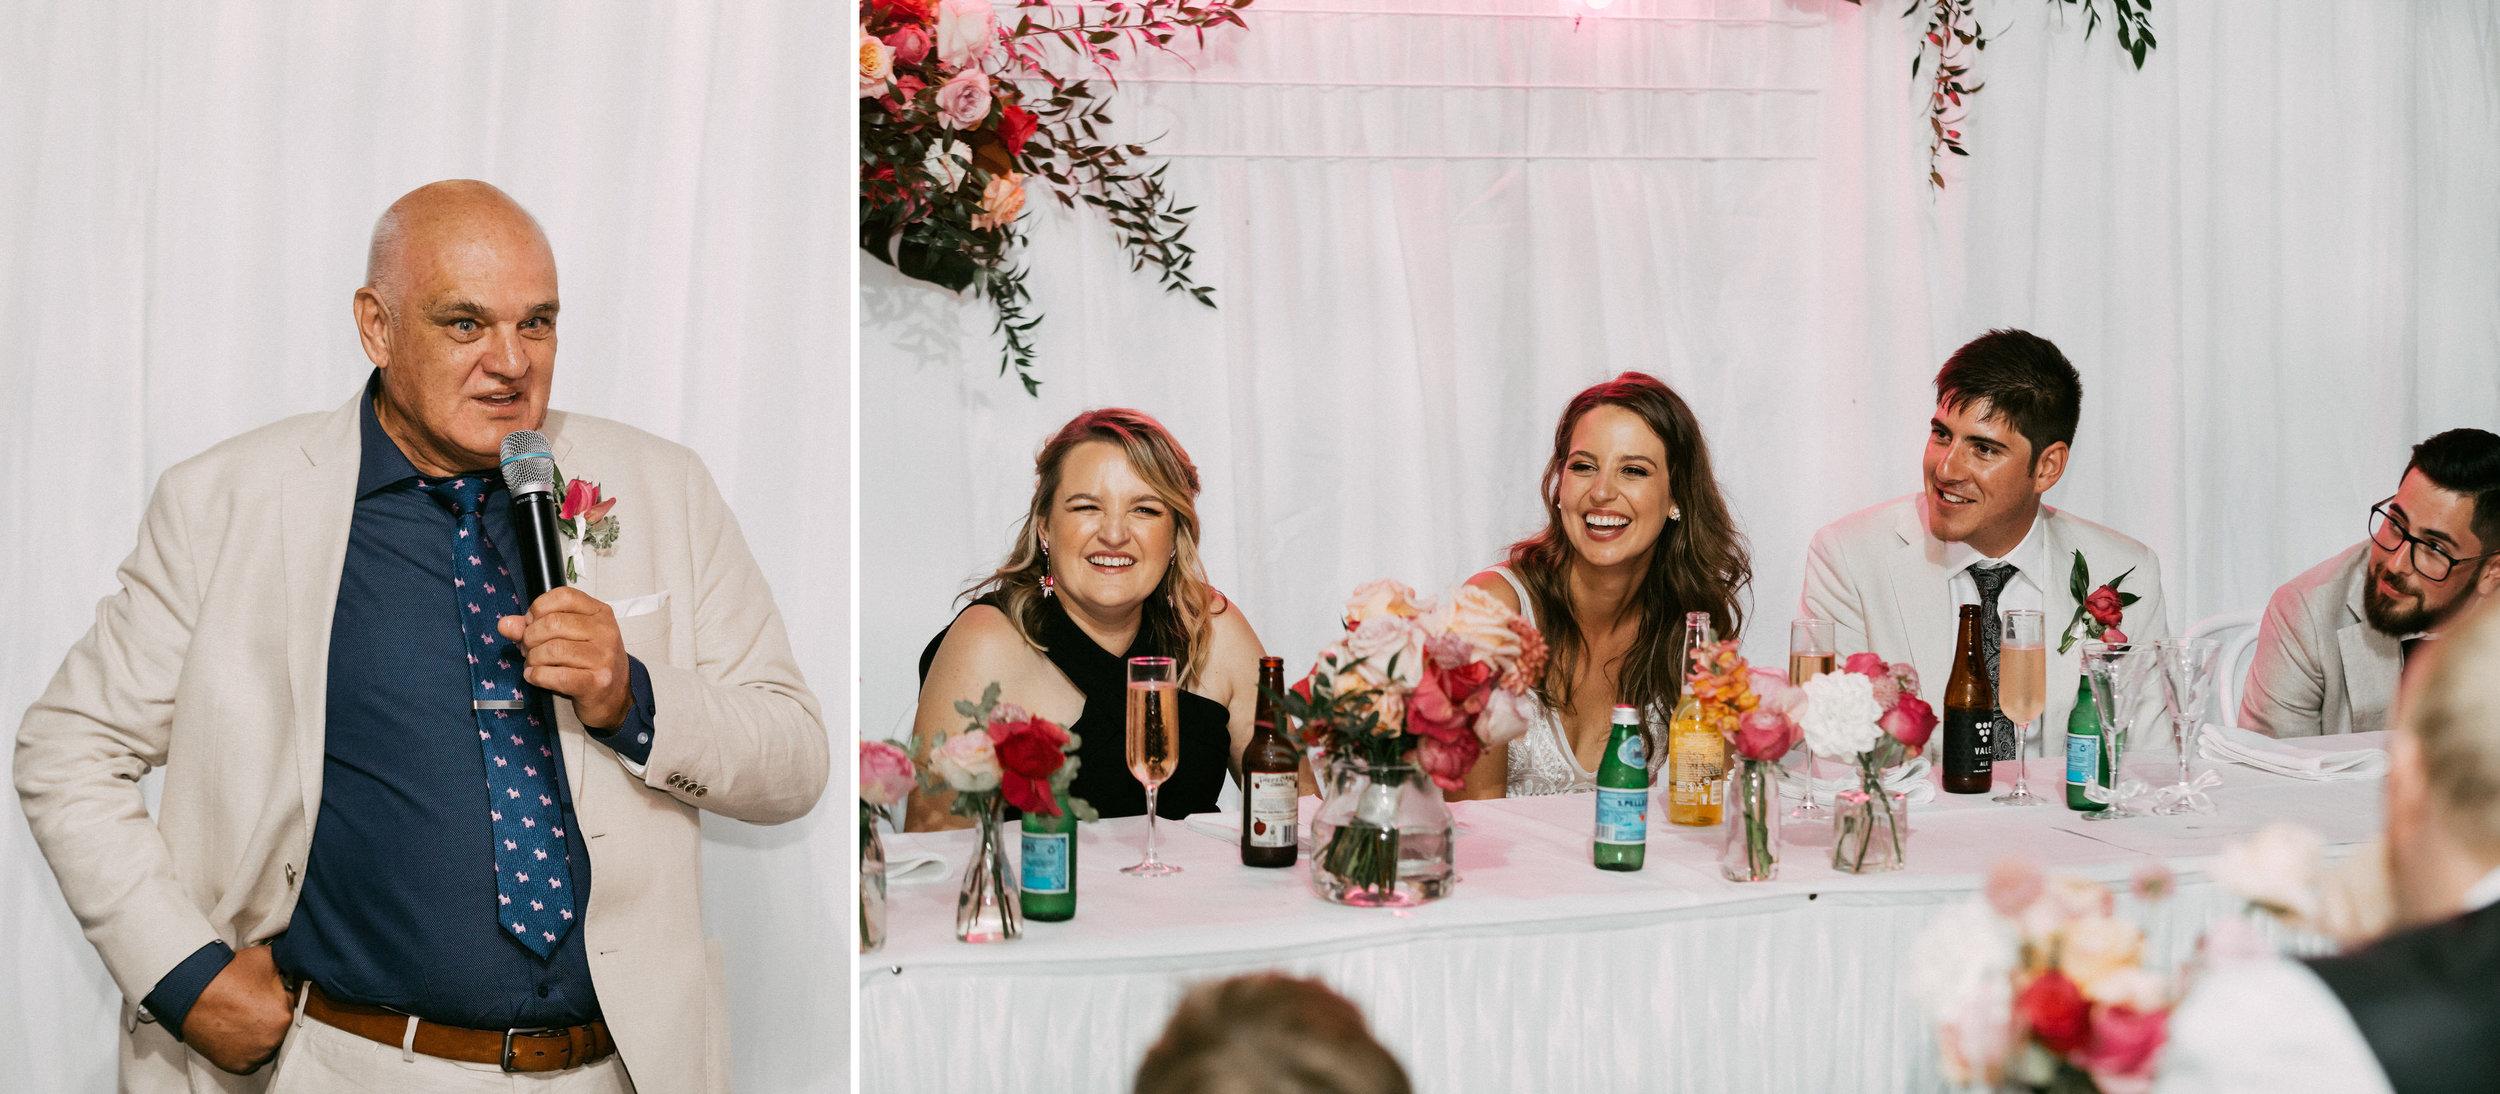 Adelaide City Fringe Garden Unearthly Delight Wedding 106.jpg